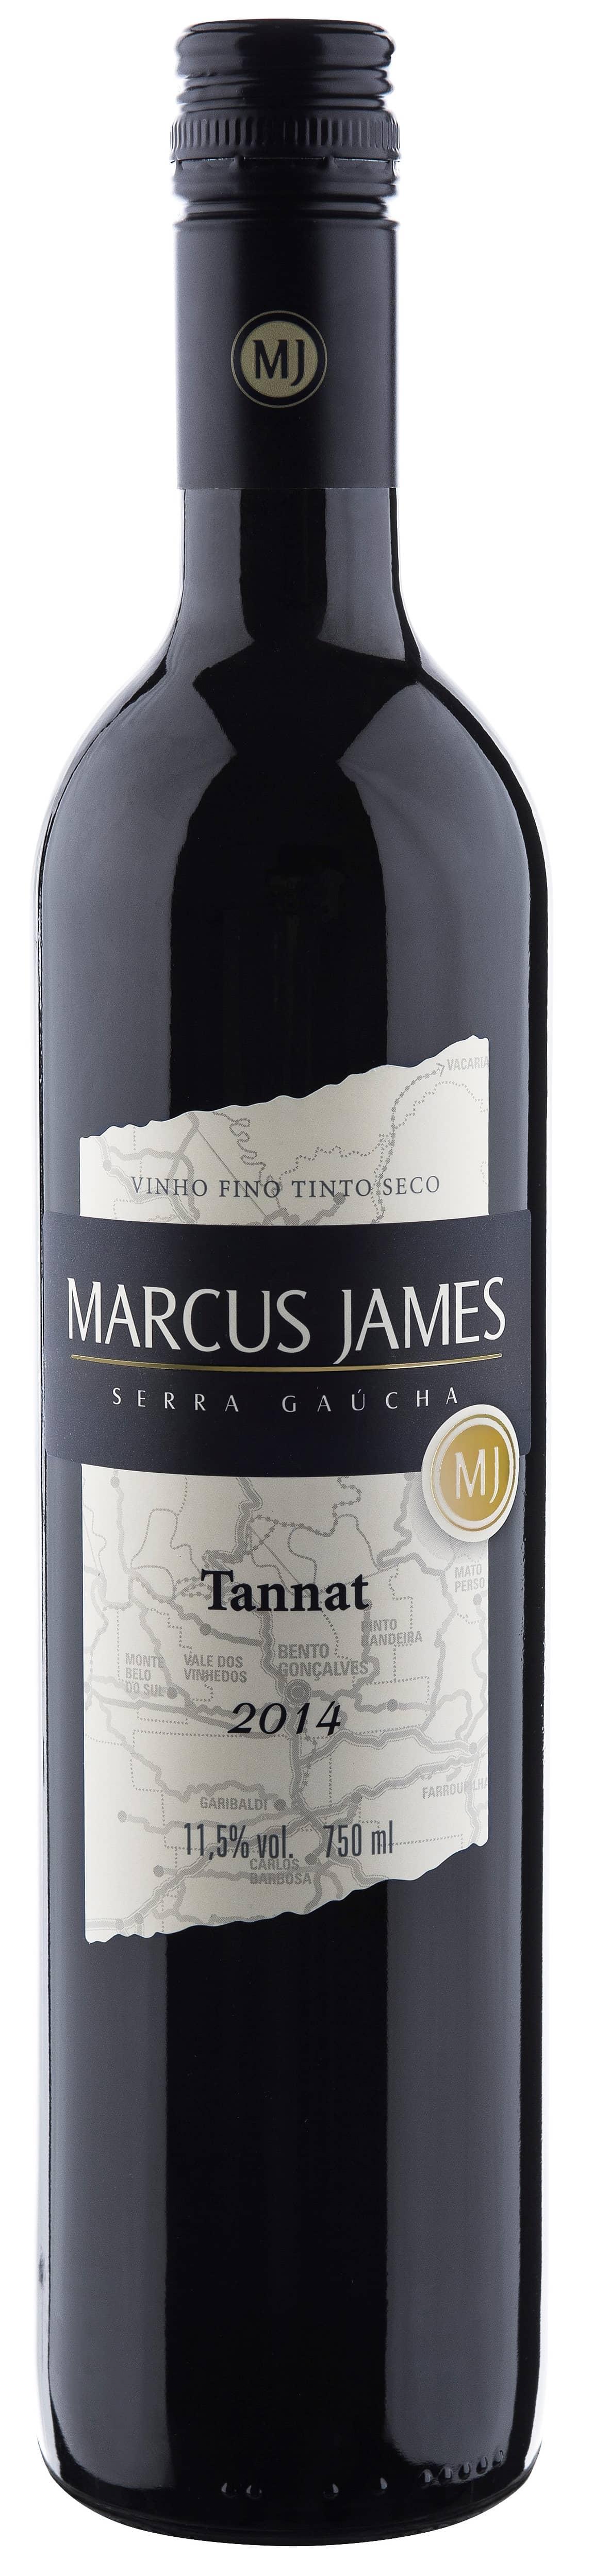 Marcus-James-Tannat